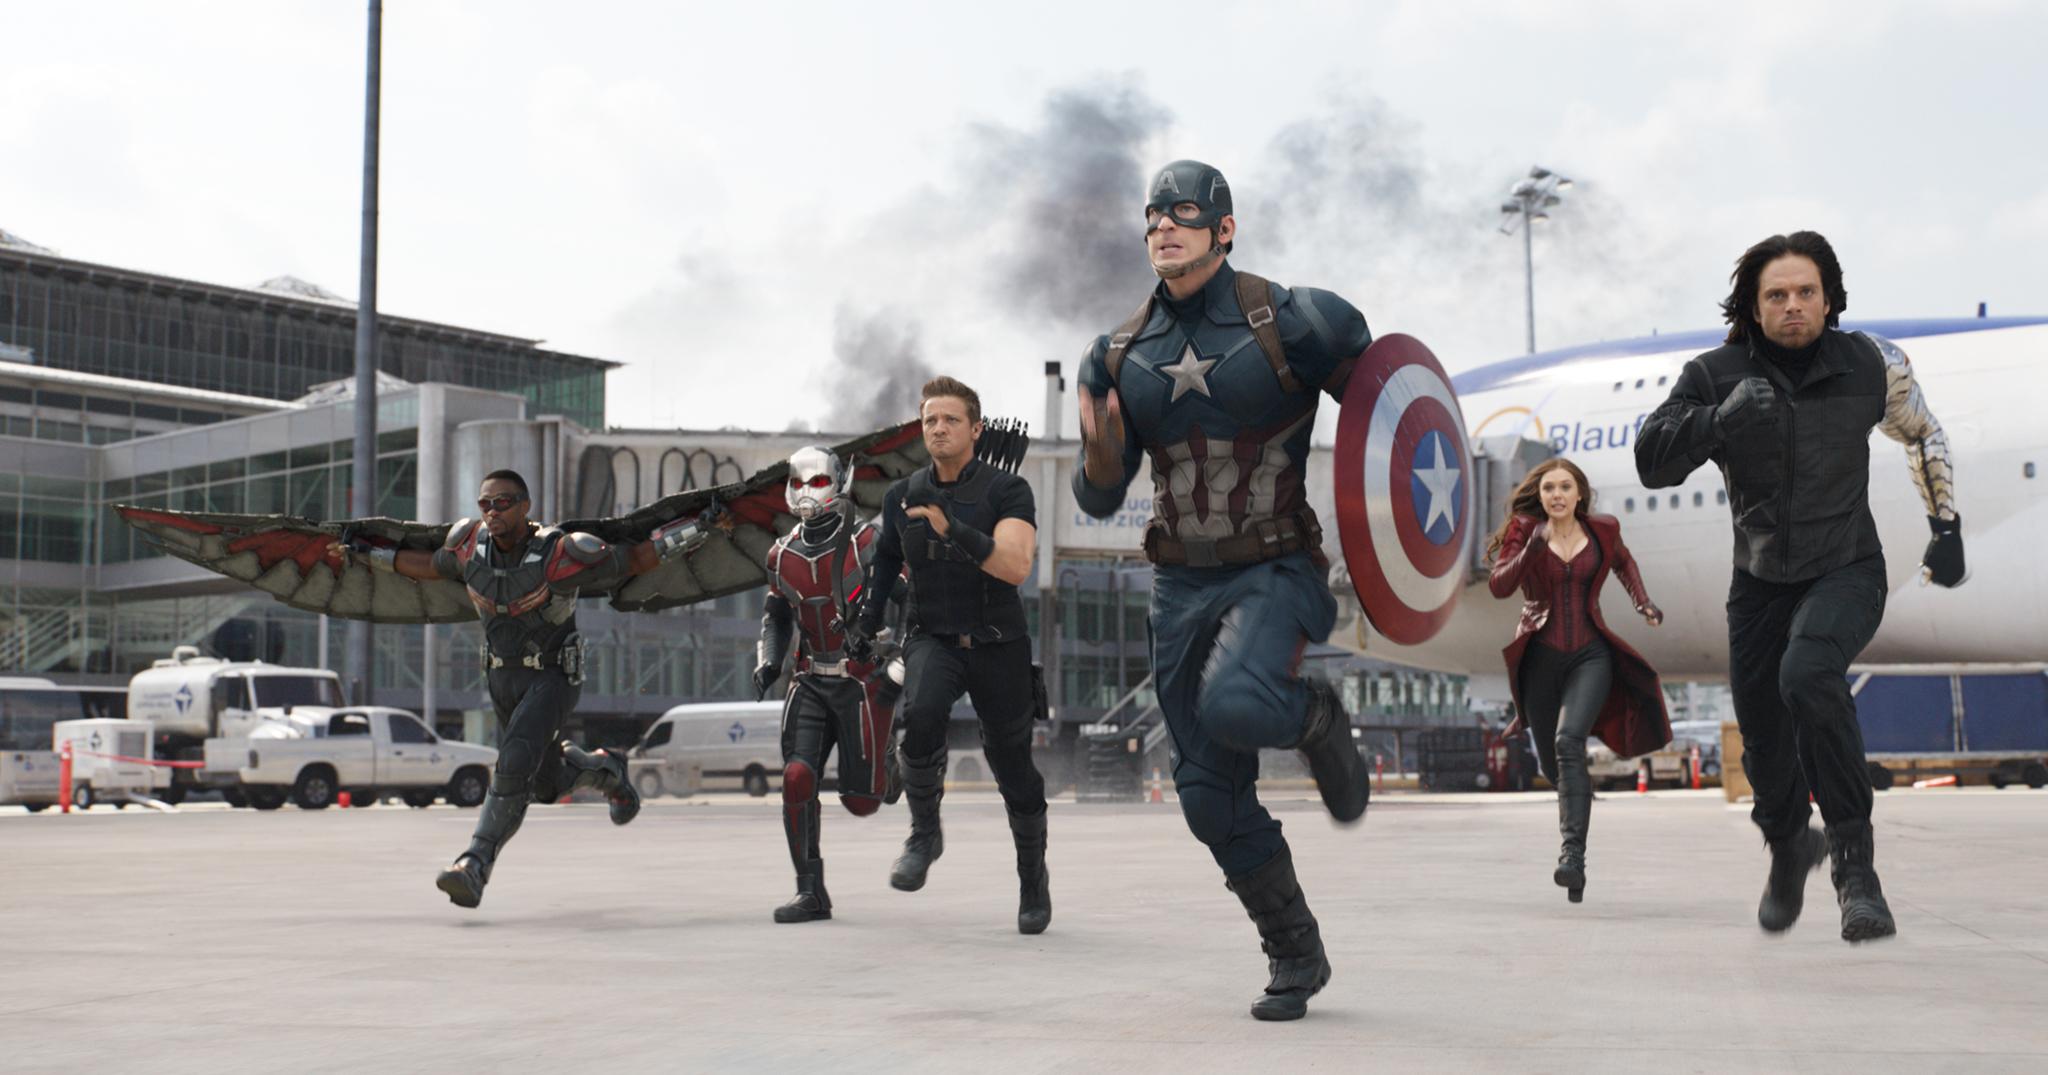 Las 10 películas más populares de 2016, según usuarios de IMDb